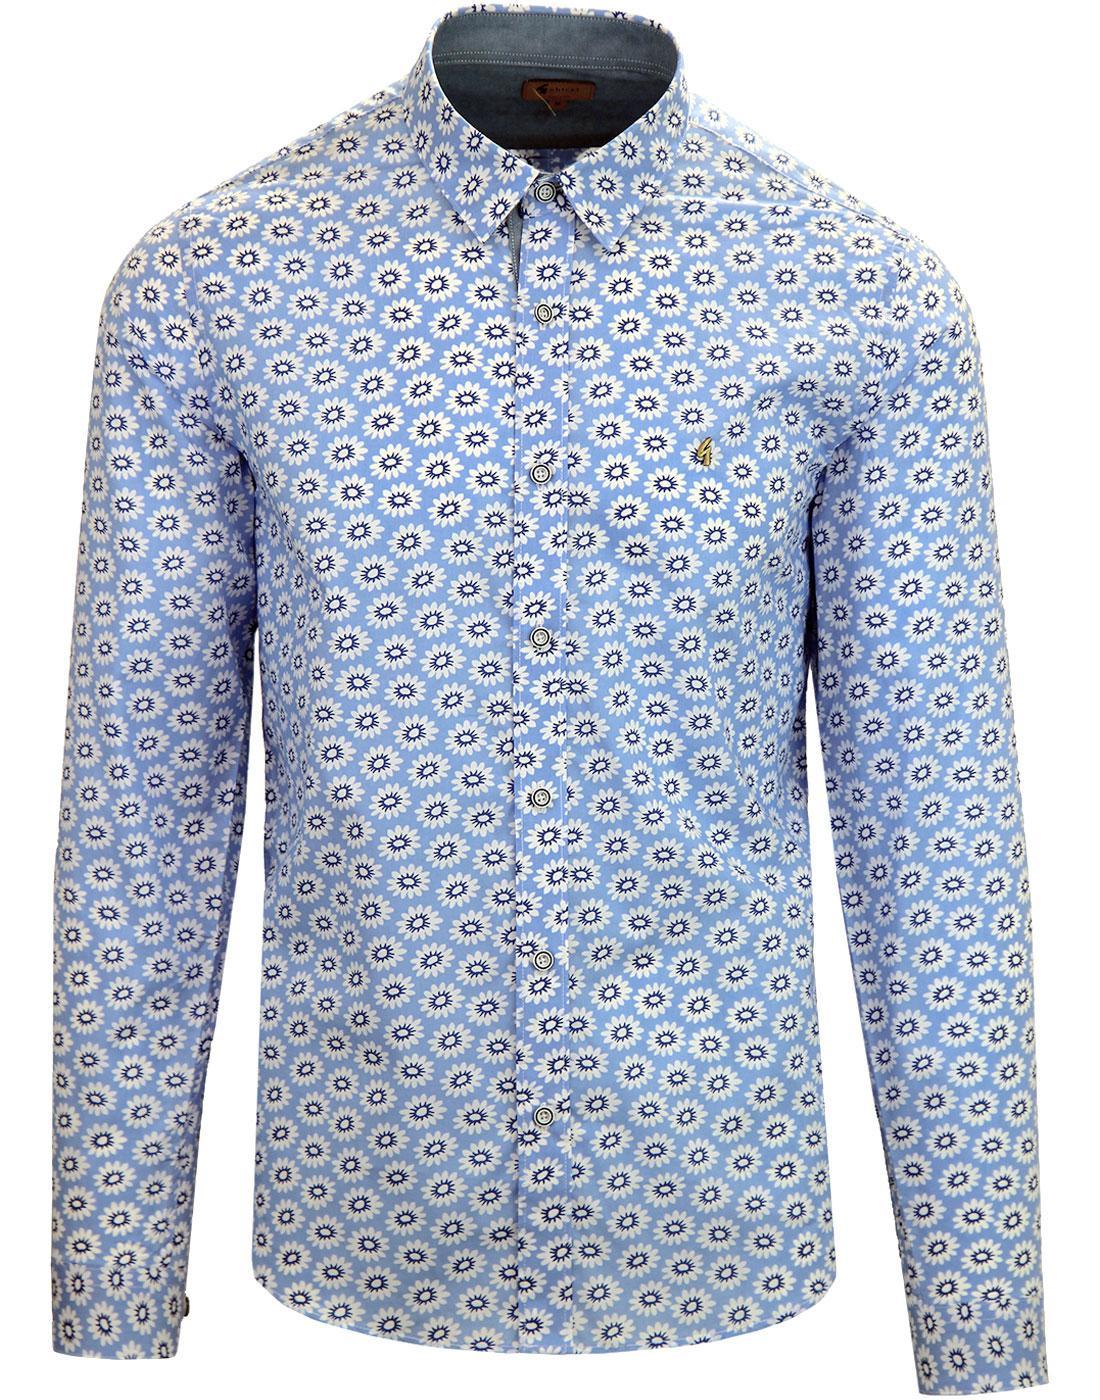 Rama GABICCI VINTAGE Retro Mod Floral Shirt DAWN